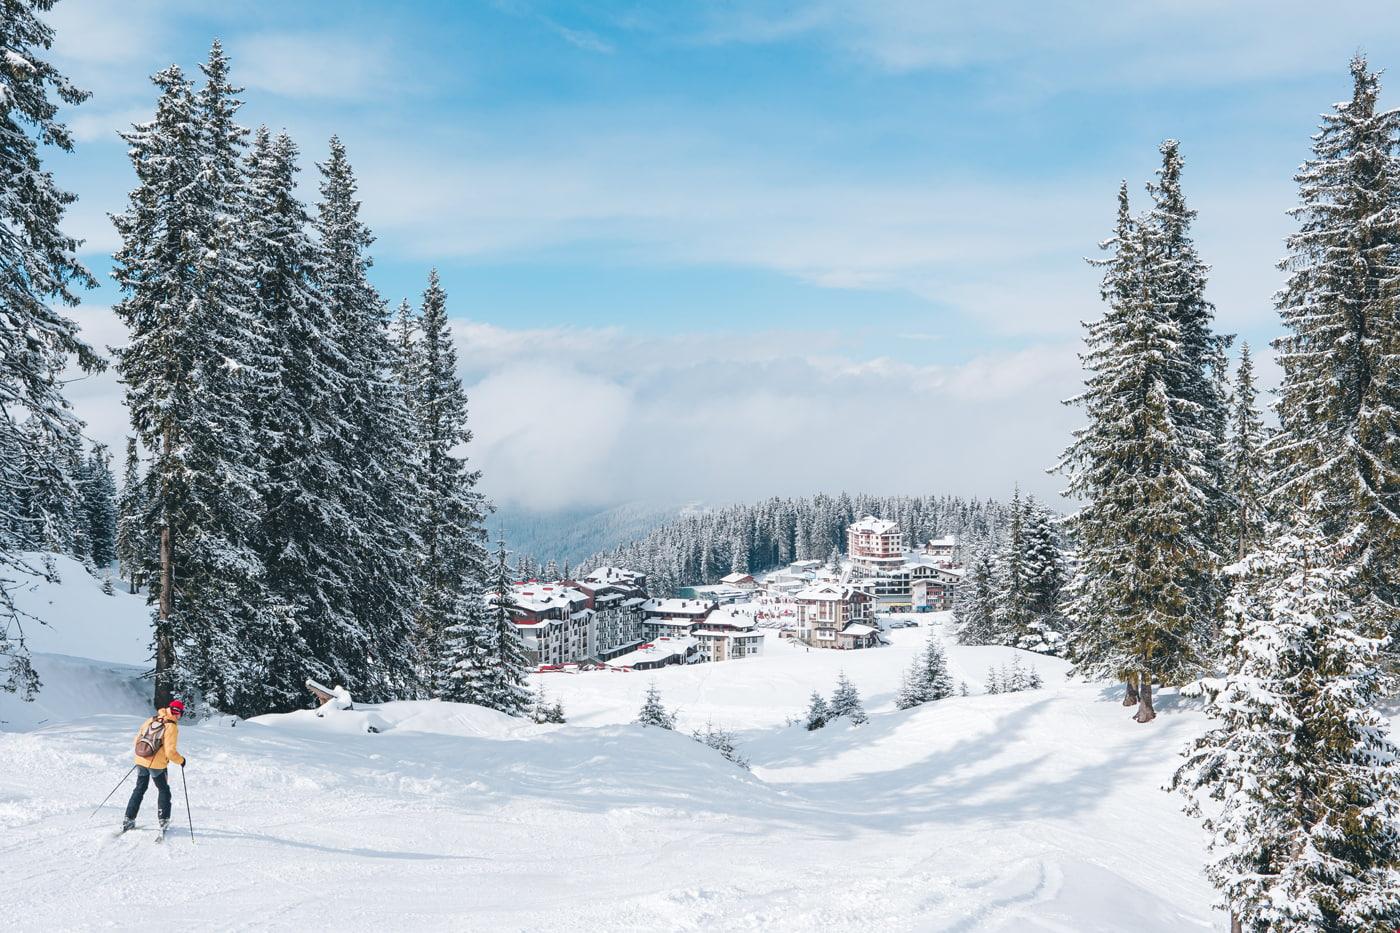 Ski resort in Bulgaria